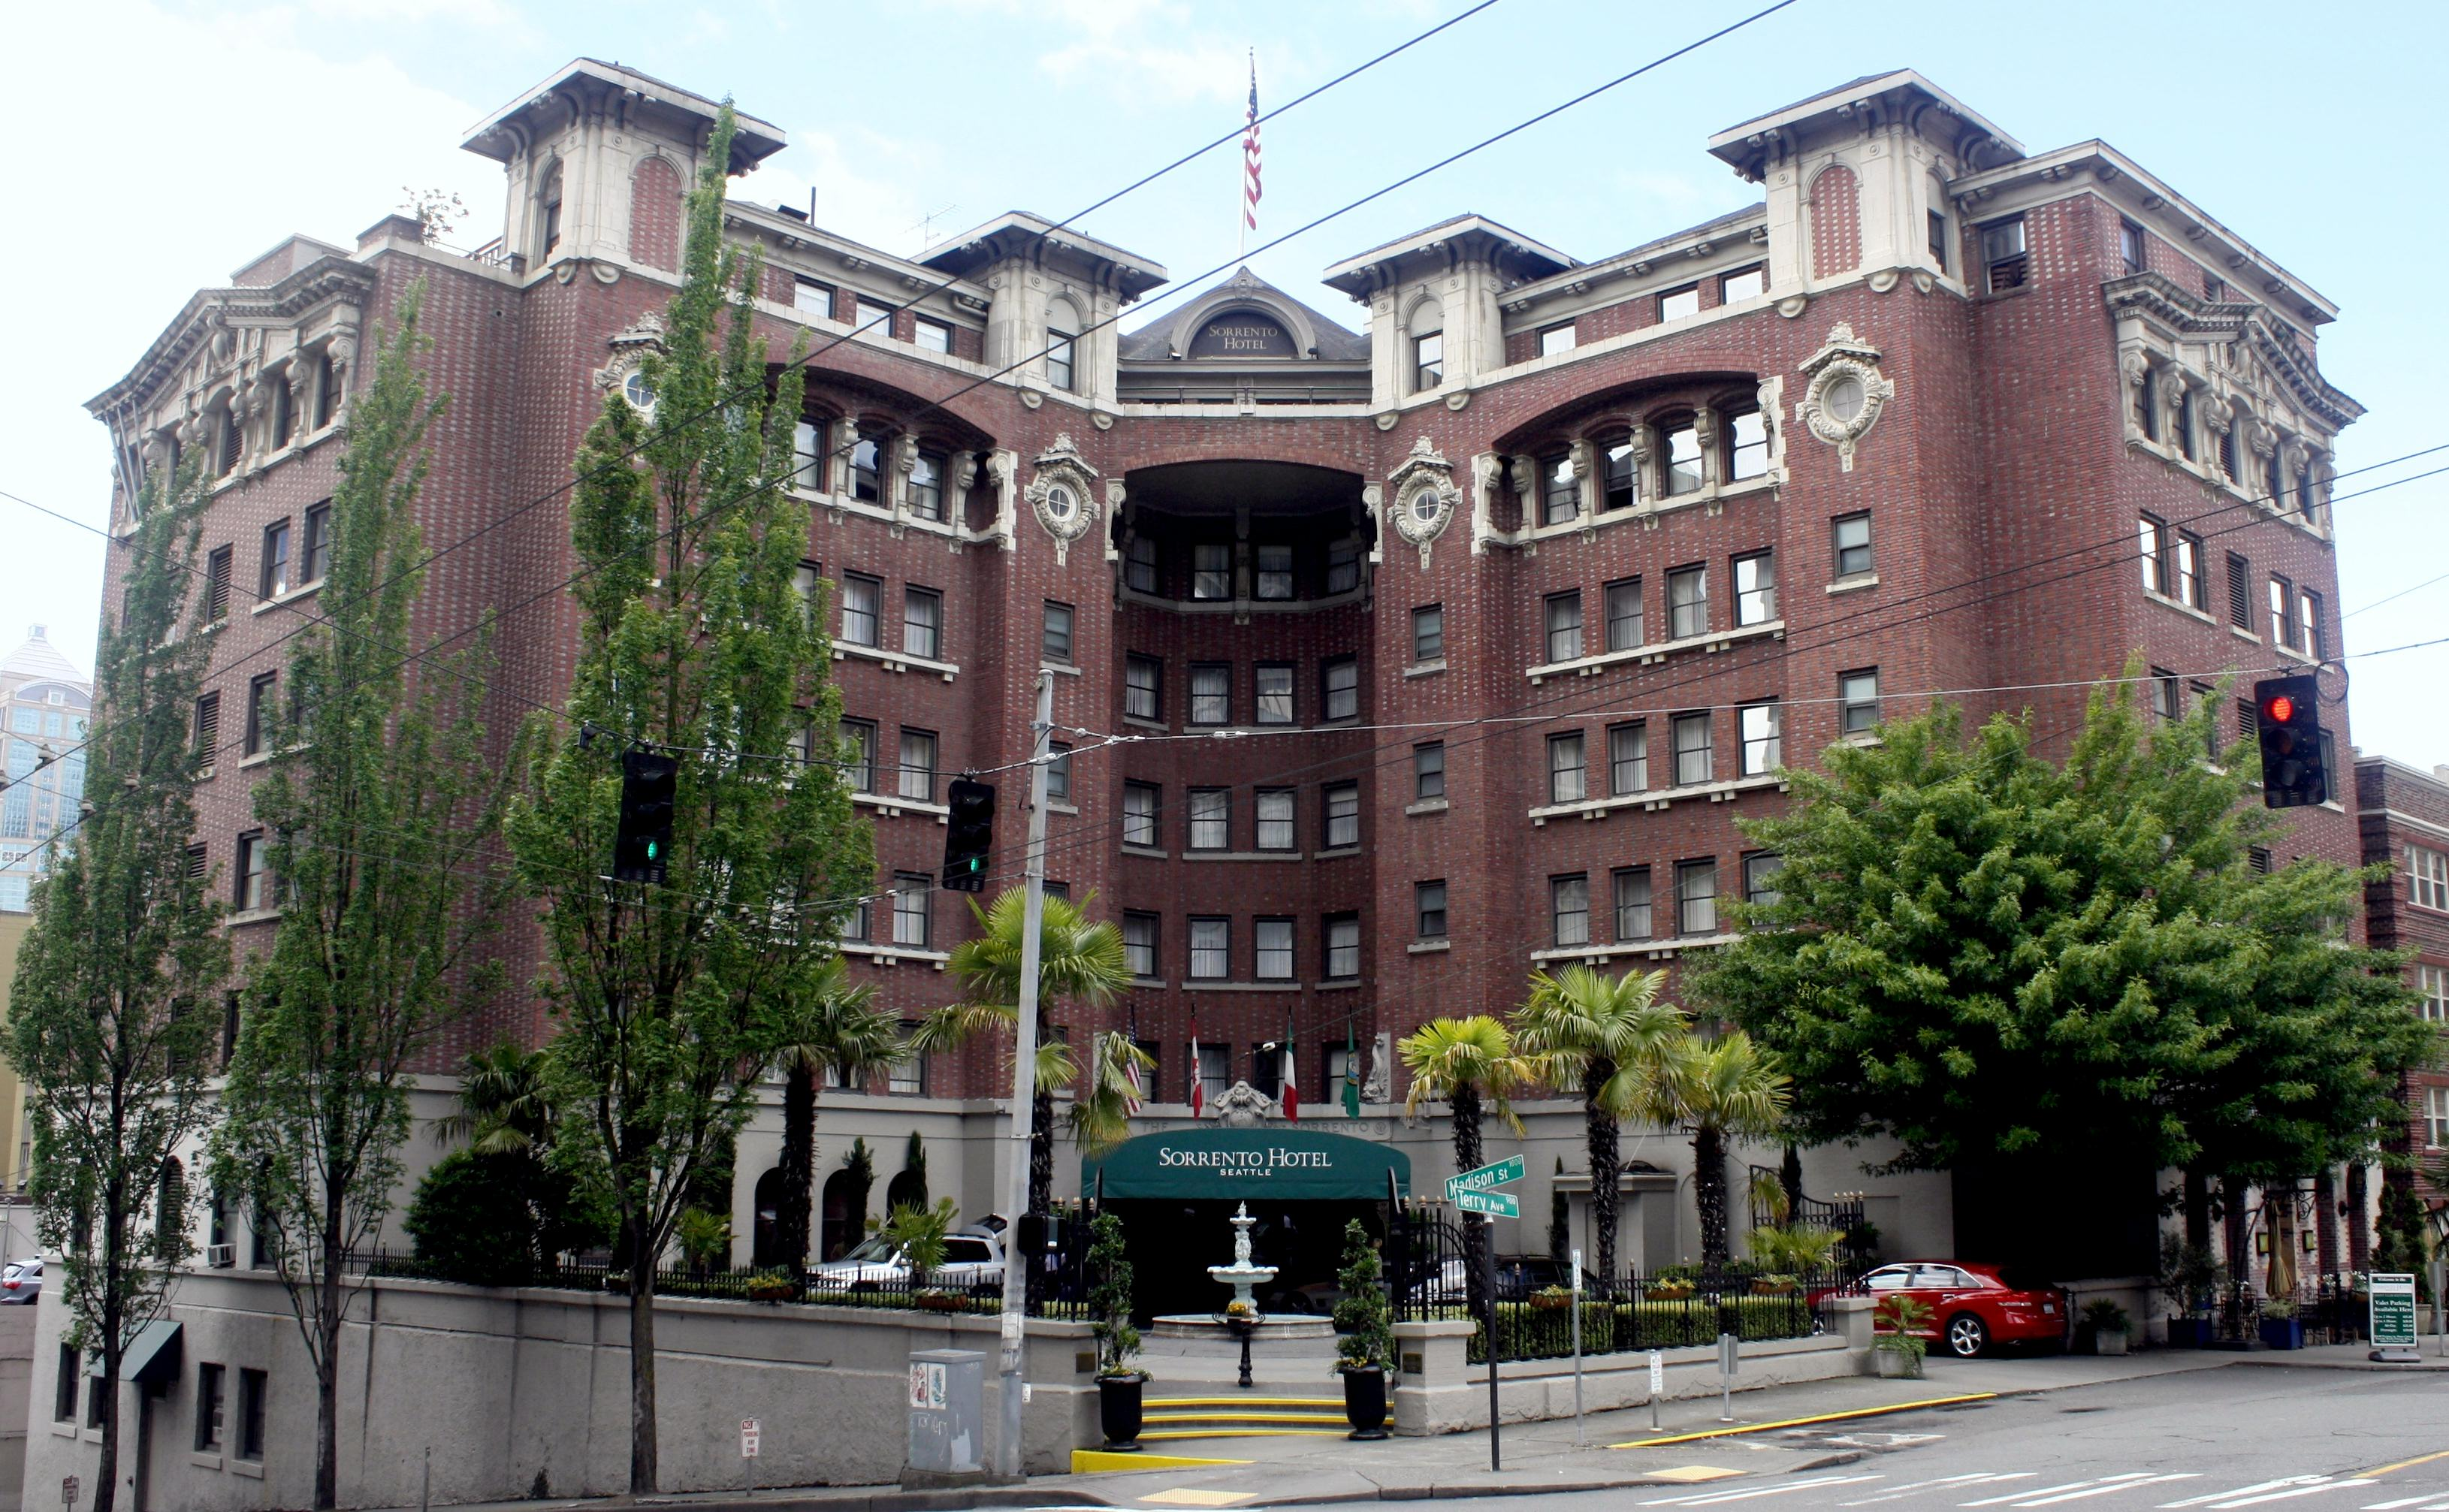 Sorrento Hotel (Seattle, Washington)